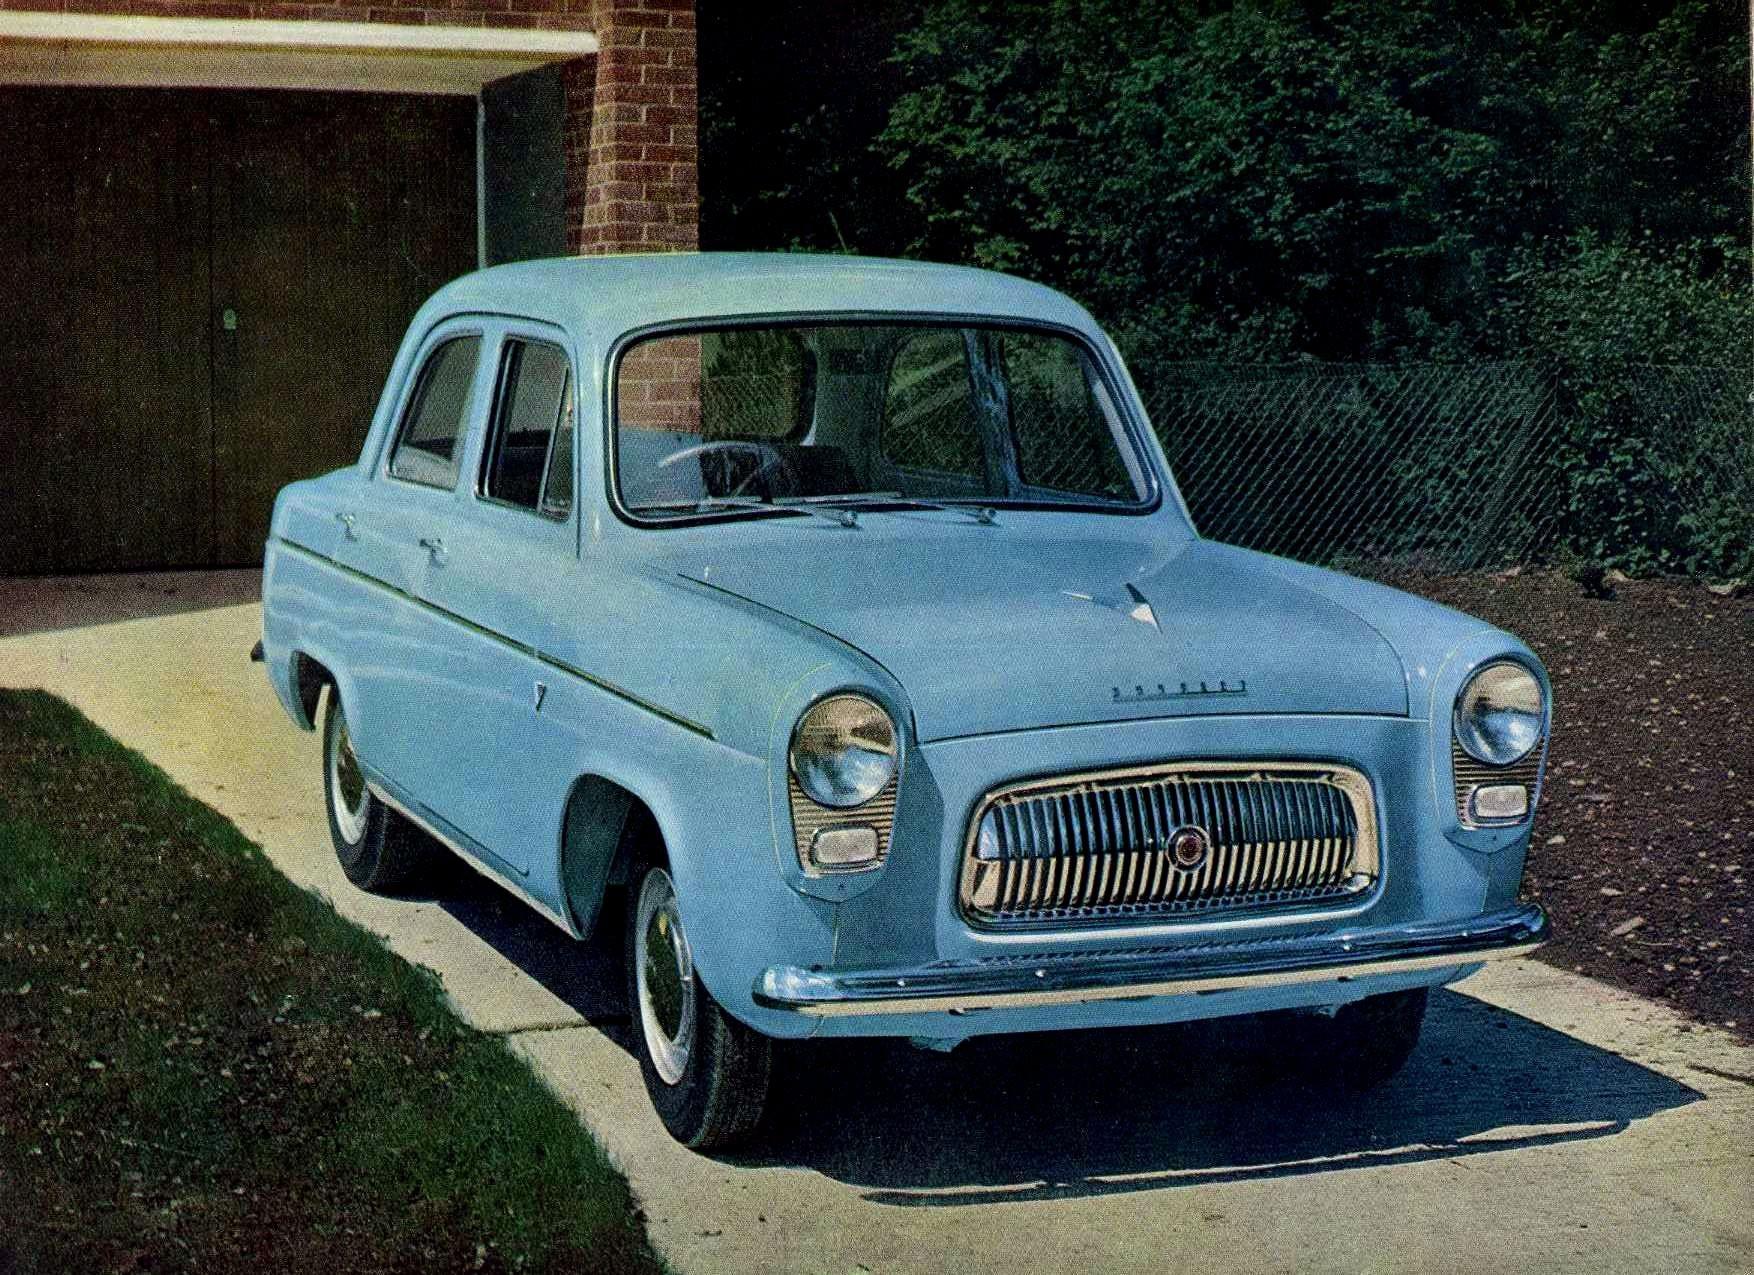 FORD Anglia 100E specs & photos - 1953, 1954, 1955, 1956, 1957, 1958, 1959 - autoevolution